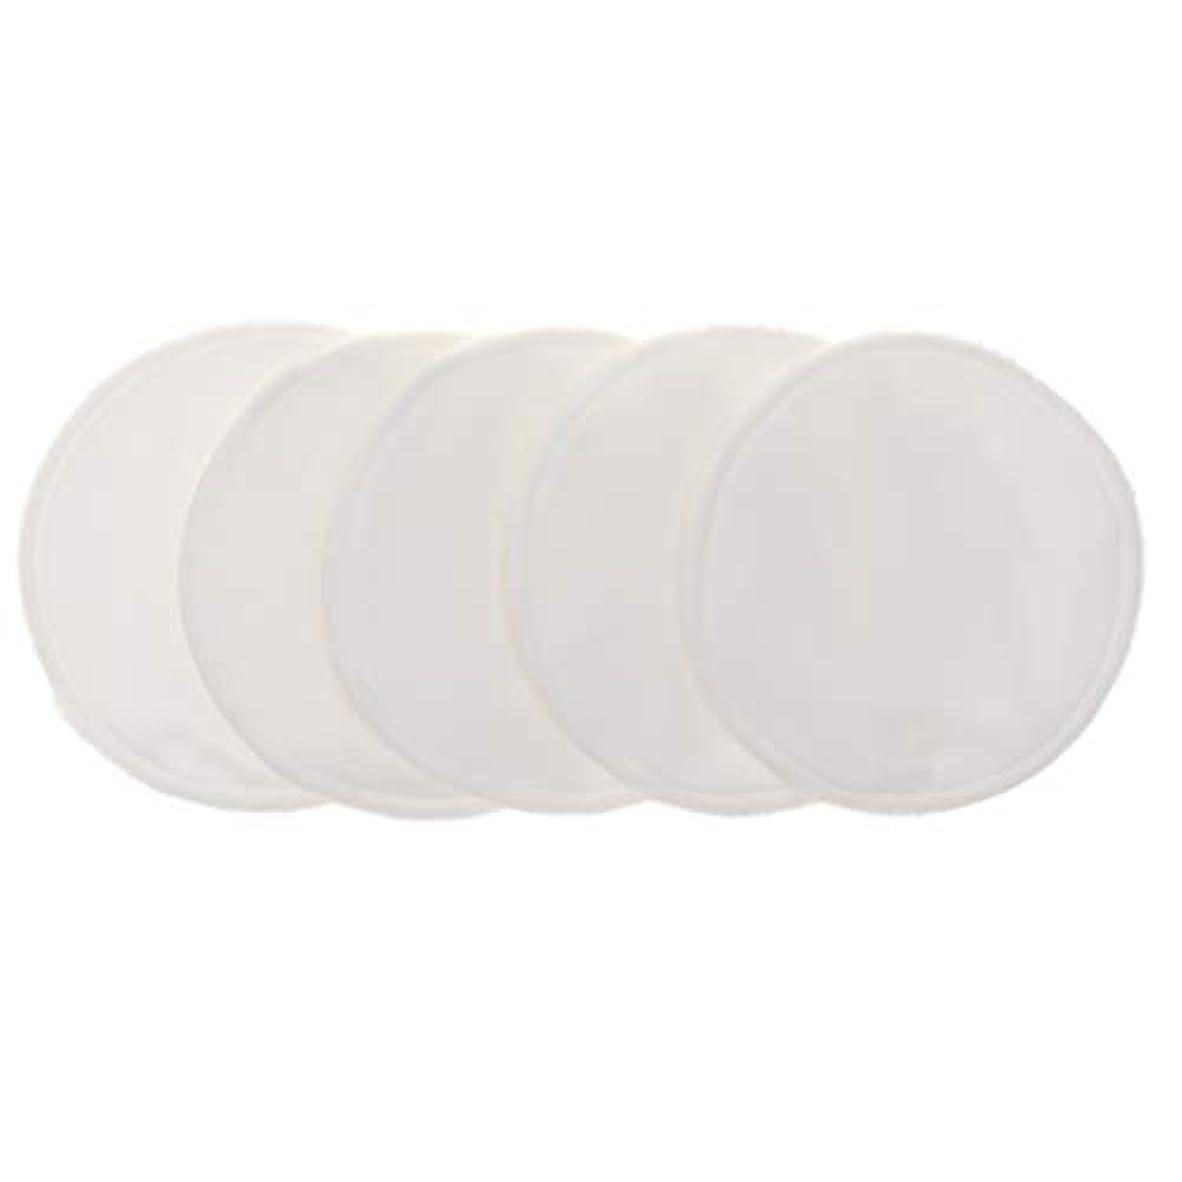 確立しますセールスキャンダラスFenteer 12cm 胸パッド クレンジングシート 化粧水パッド 竹繊維 円形 洗える 再使用可能 5個 全5色 - 白